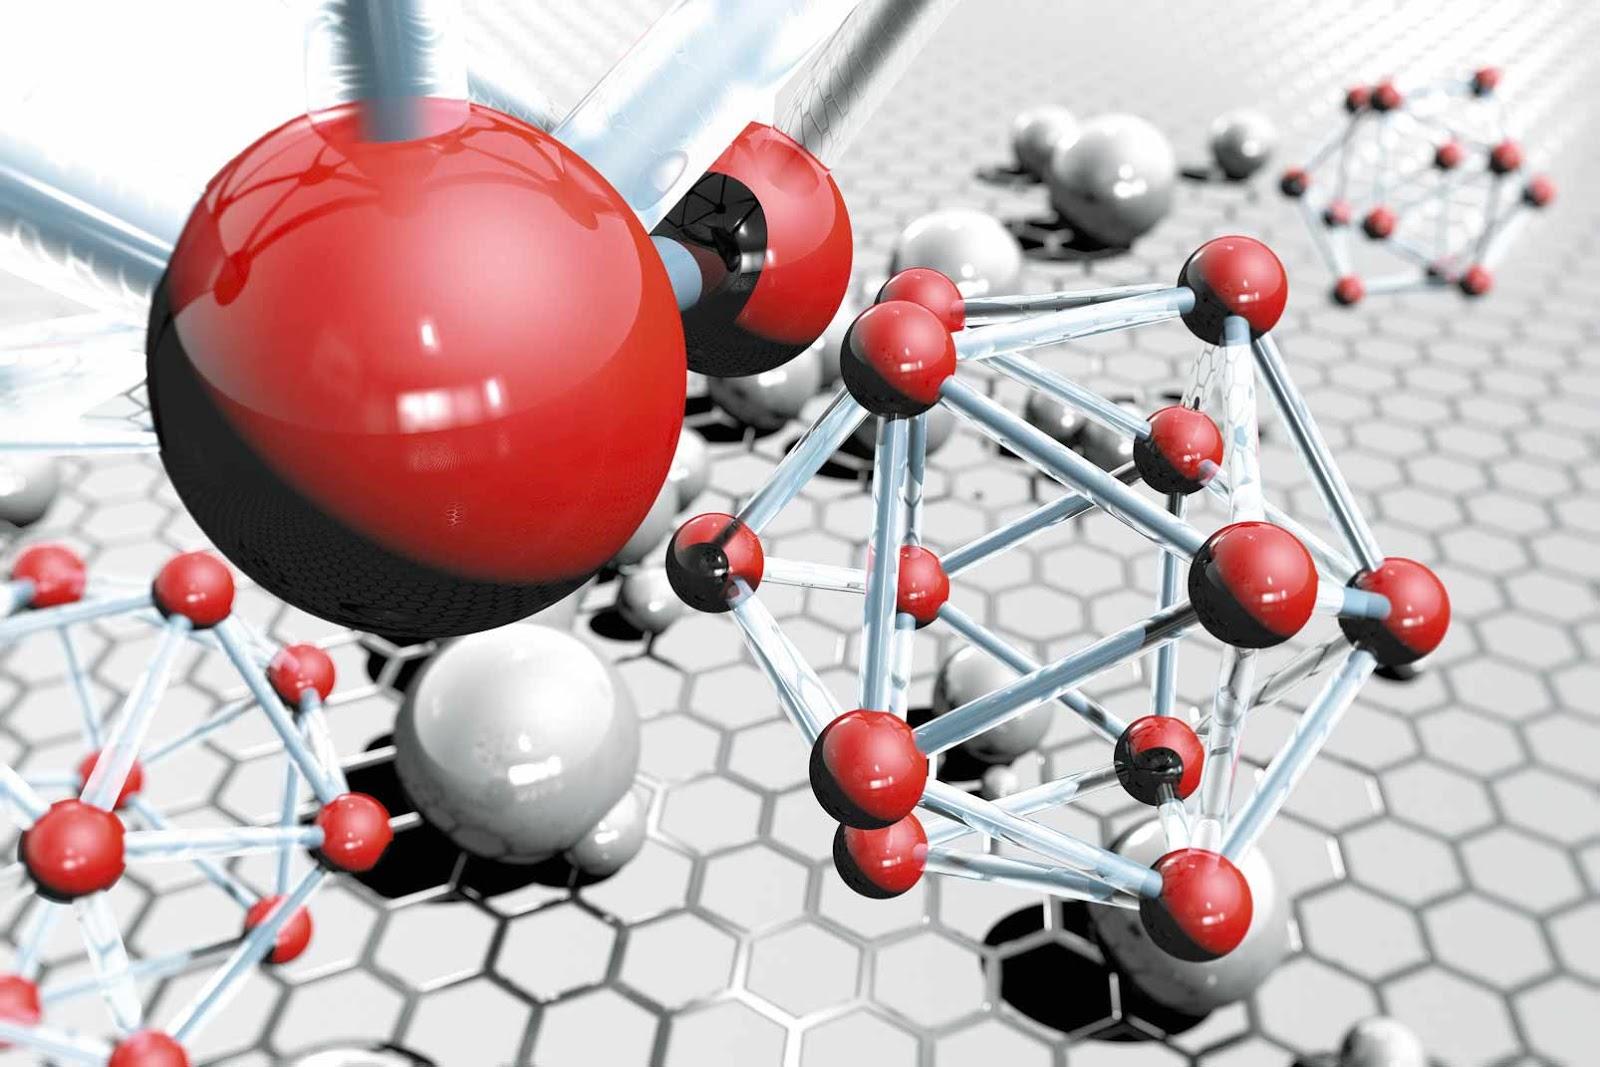 عالم الابتكار اخر الابتكارات النانو تكنولوجي تقنية سوف تغيرالعالم Nano Technology Technology